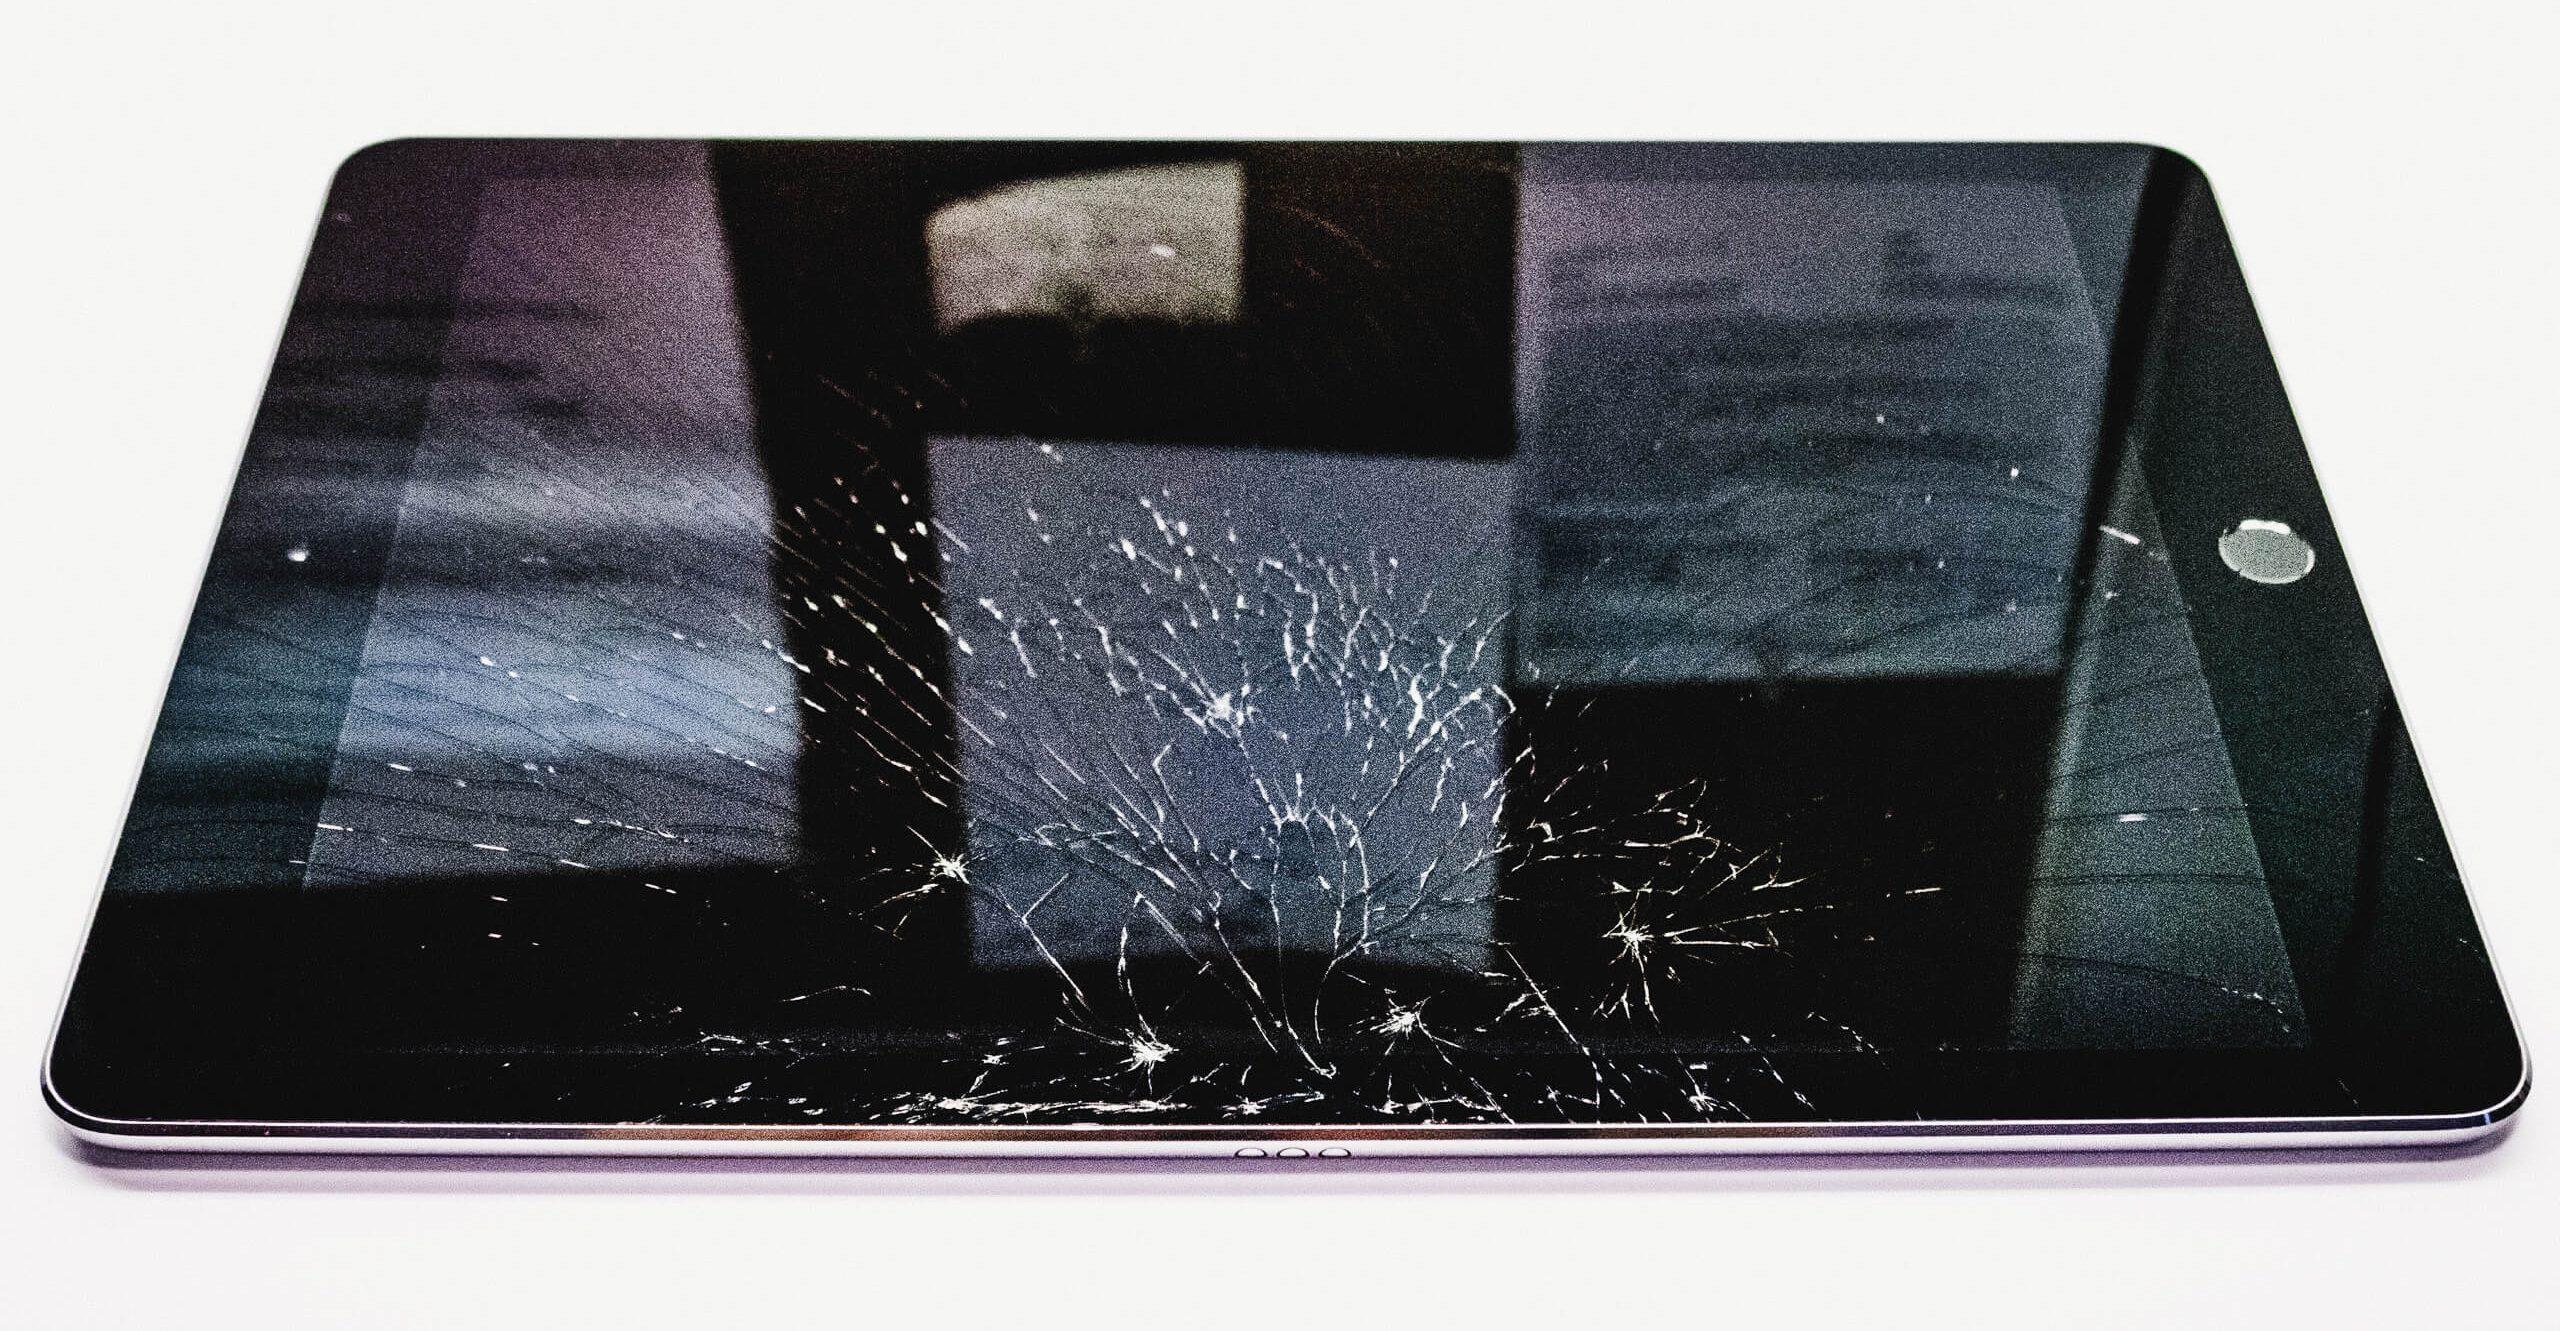 törött iPad kijelző – az iPad kijelzővédő fólia ezt is megelőzte volna